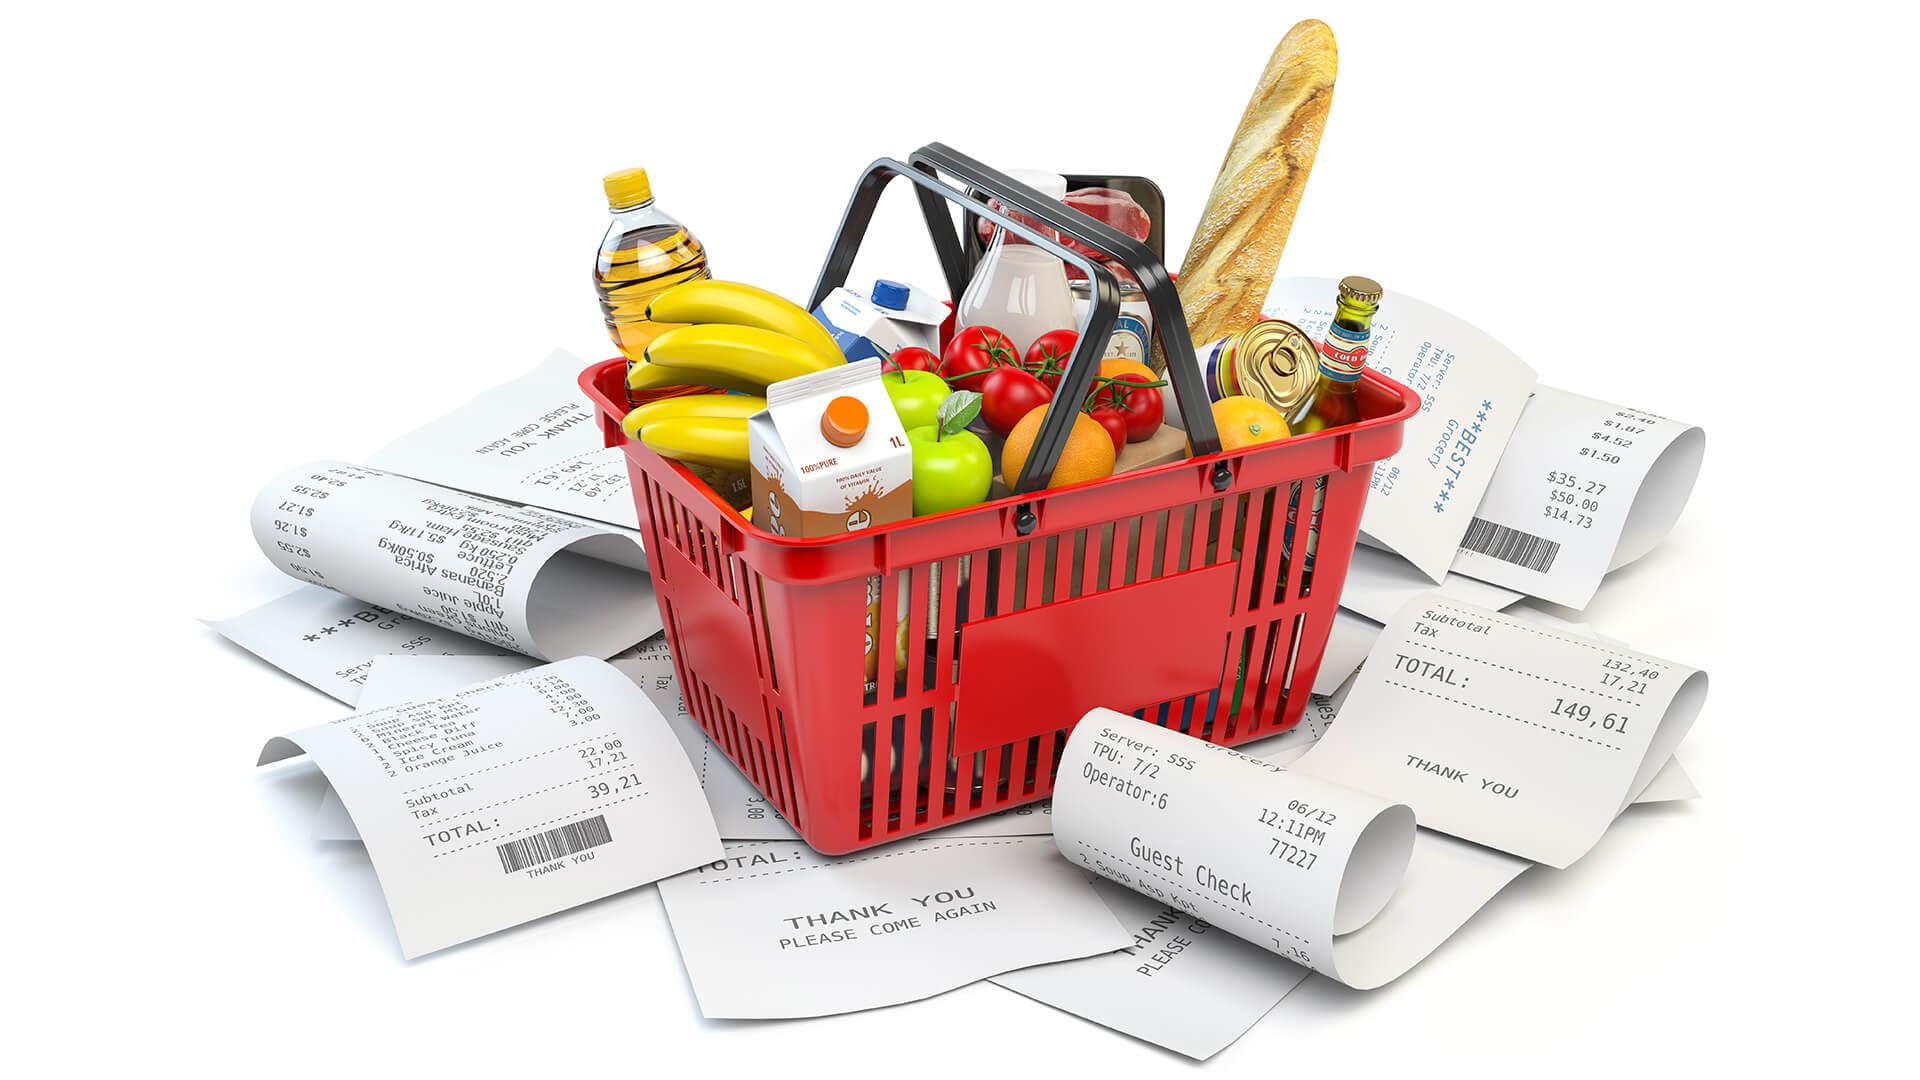 Kan du sänka matkostnaderna med 34 000 kronor per år?